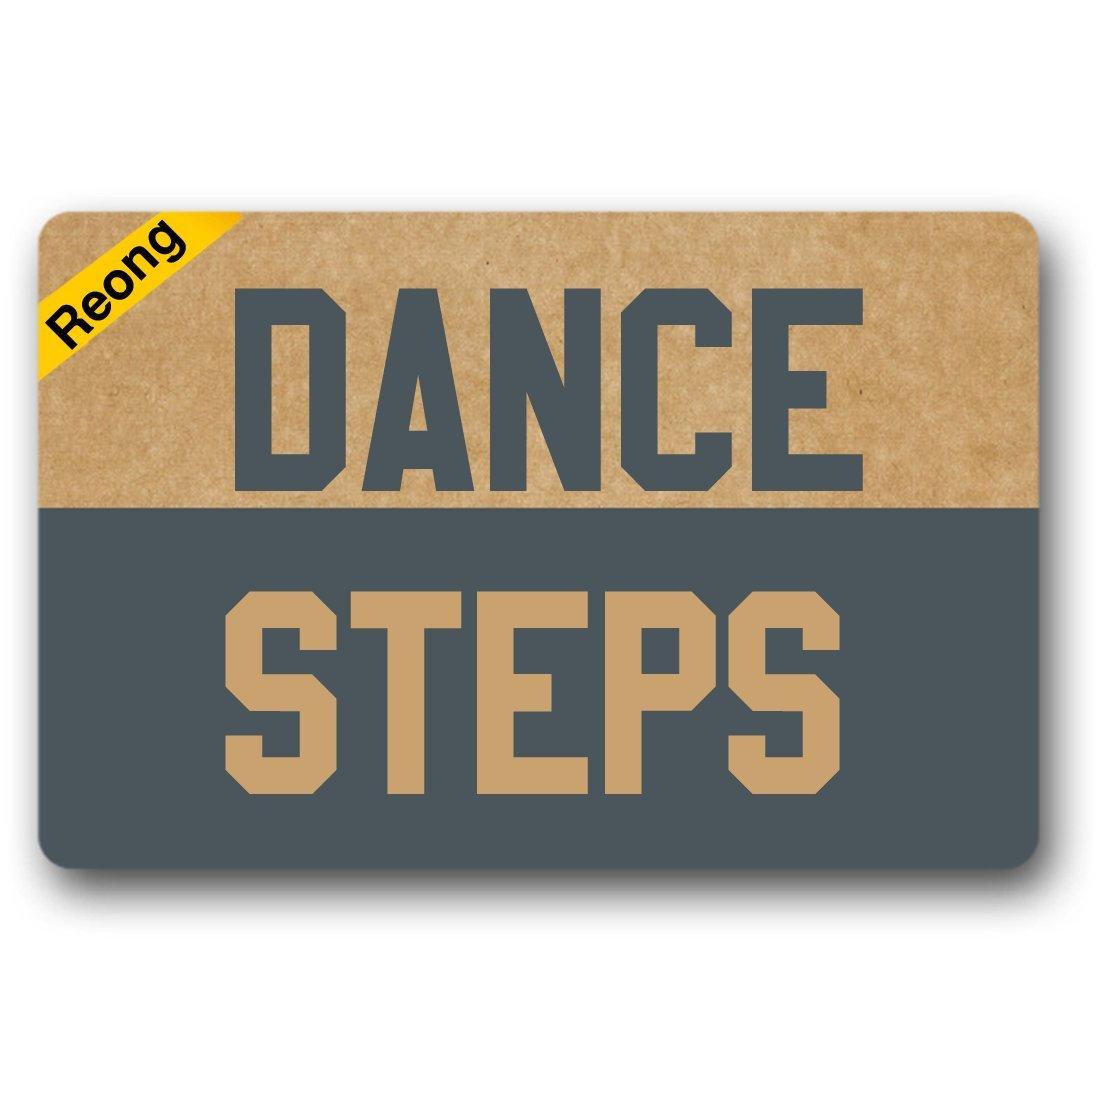 Reong Dance Steps Door Mat Funny Doormat Welcome Mat Home Decor Entrance Floor Mat Non-slip Doormat 23.6 by 15.7 Inch